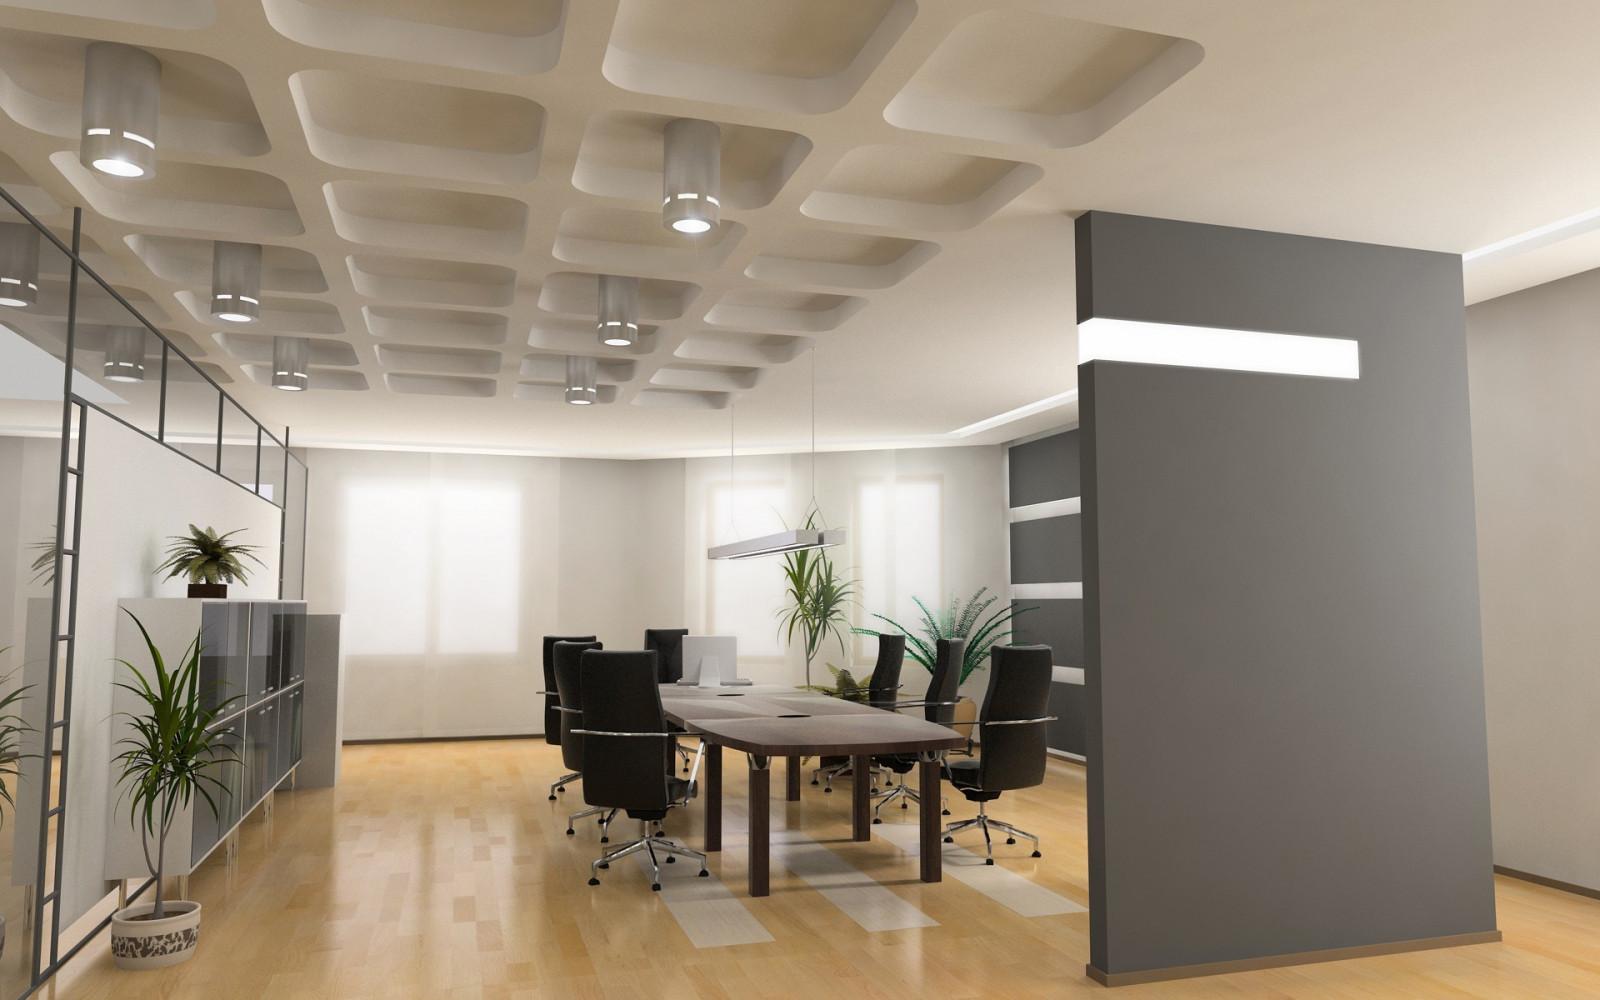 Sfondi luce del sole camera piante tavolo sedia ufficio interior design sala da pranzo - Corso interior design on line ...